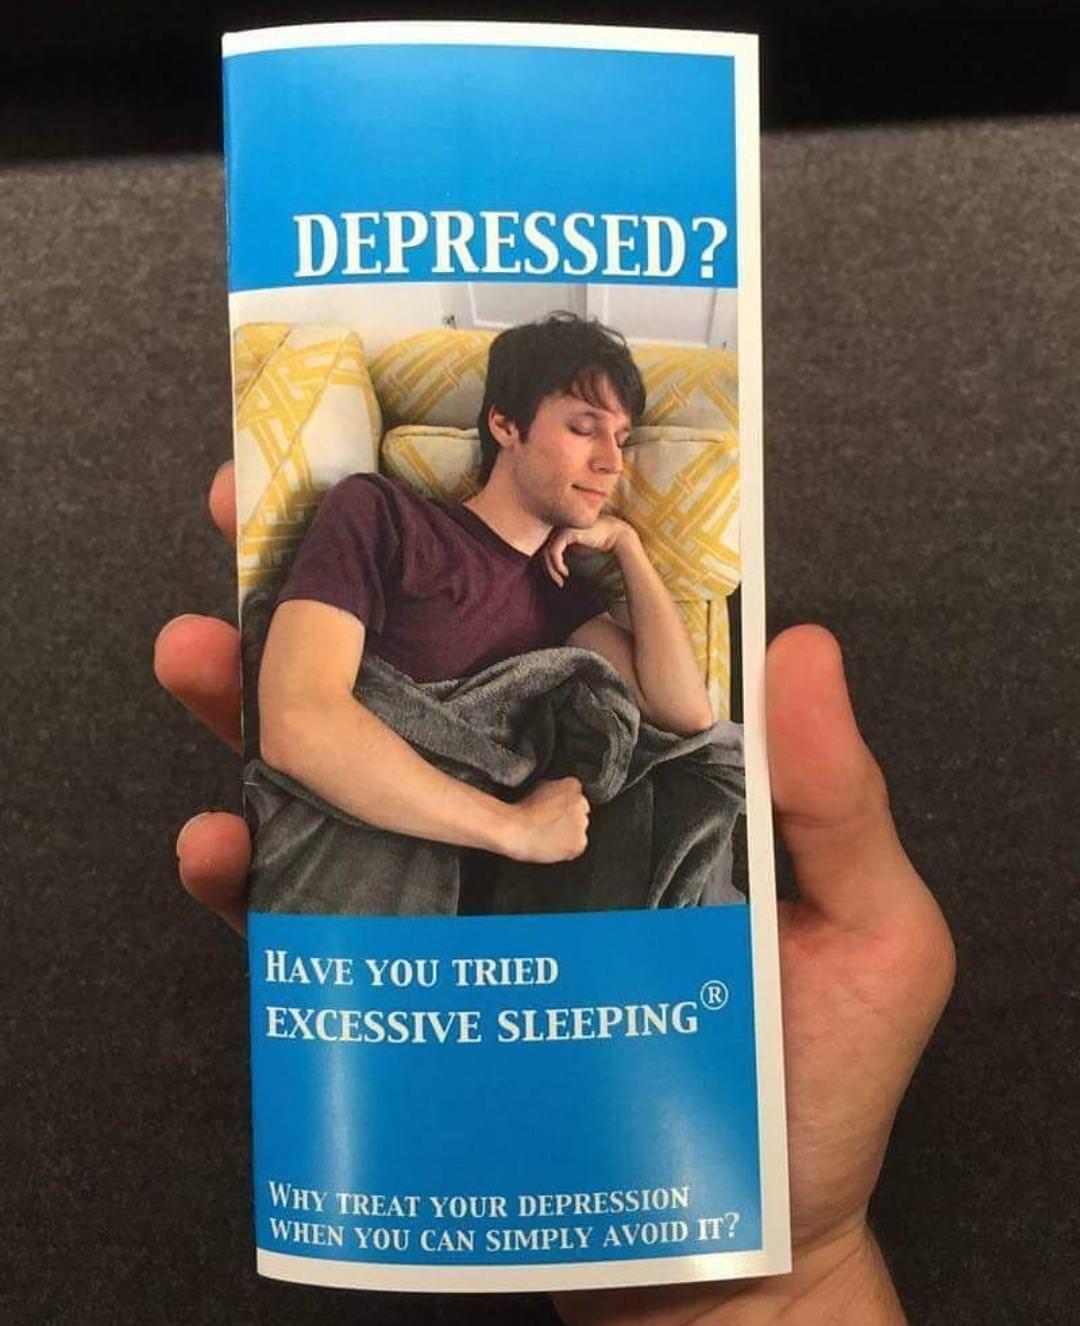 Depressed?